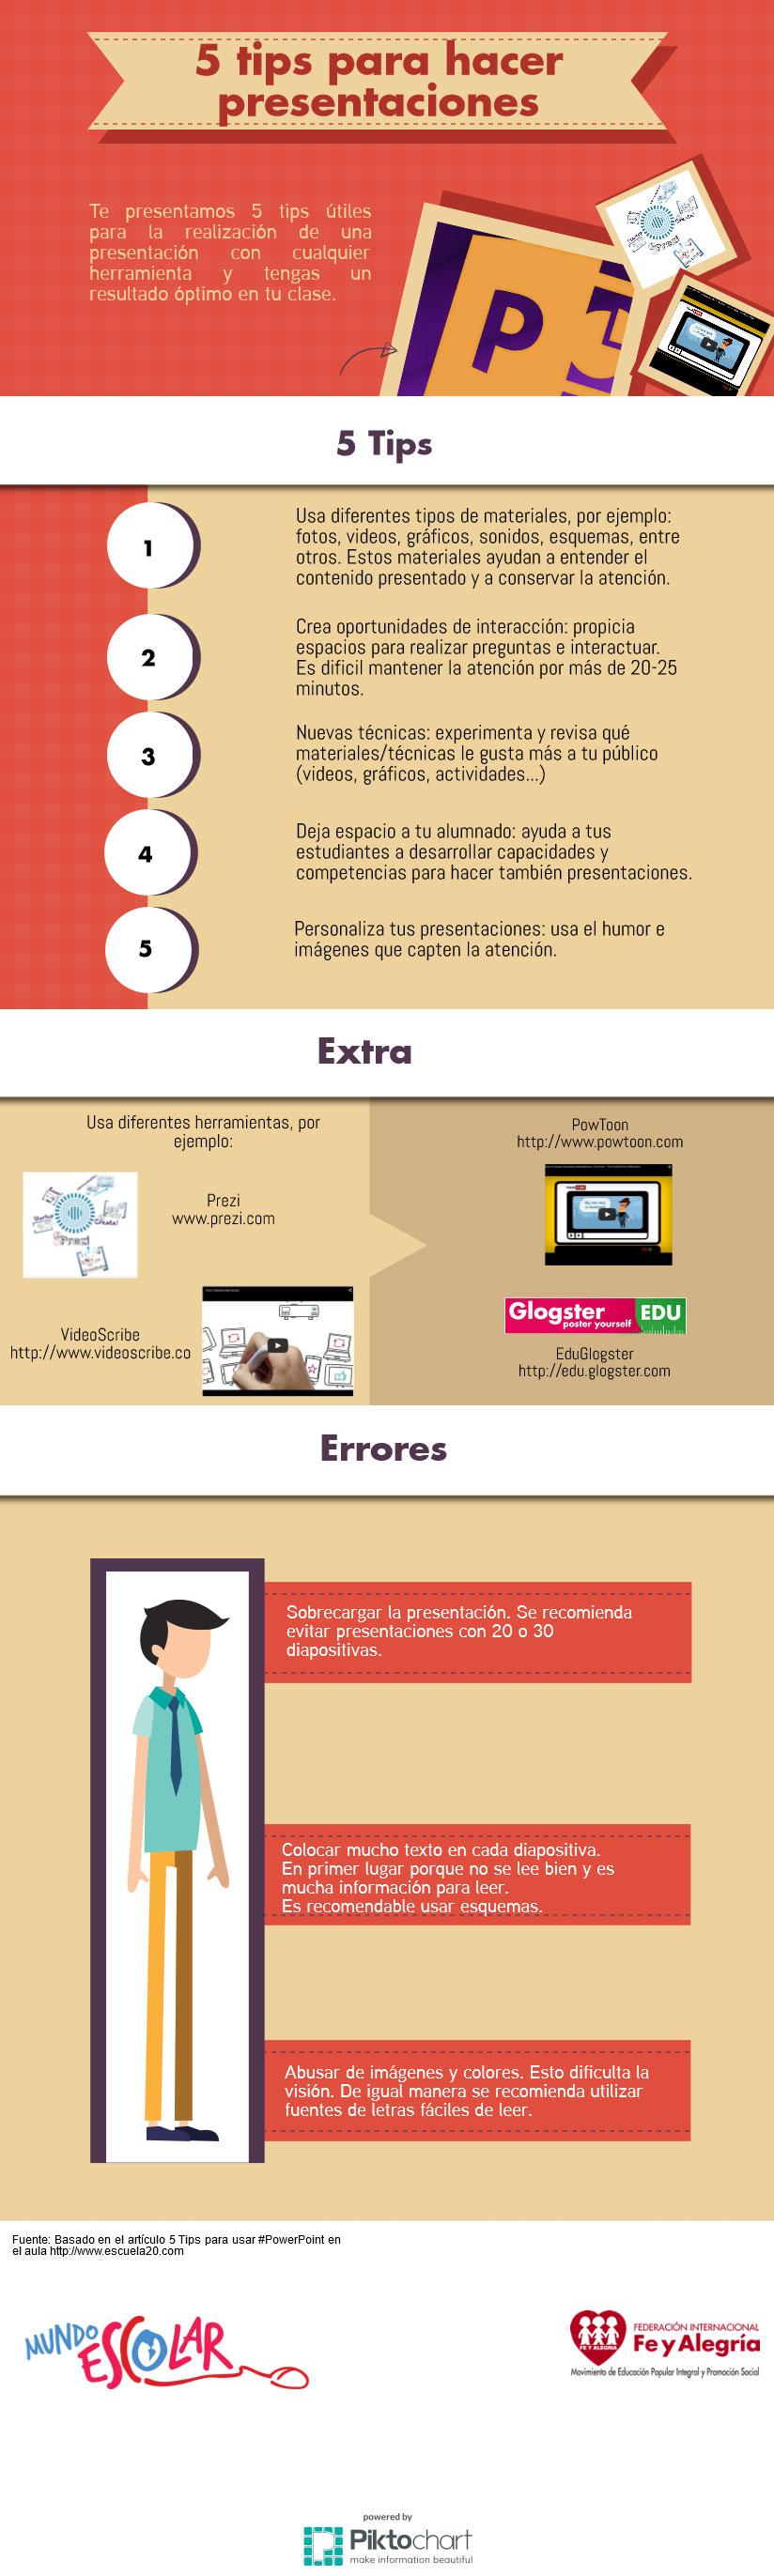 Infografía Con Recomendaciones Para Hacer Presentaciones Creativas Y Efectivas Con Cualqui Tecnologias De La Informacion Y Comunicacion Infografia Powerpoint